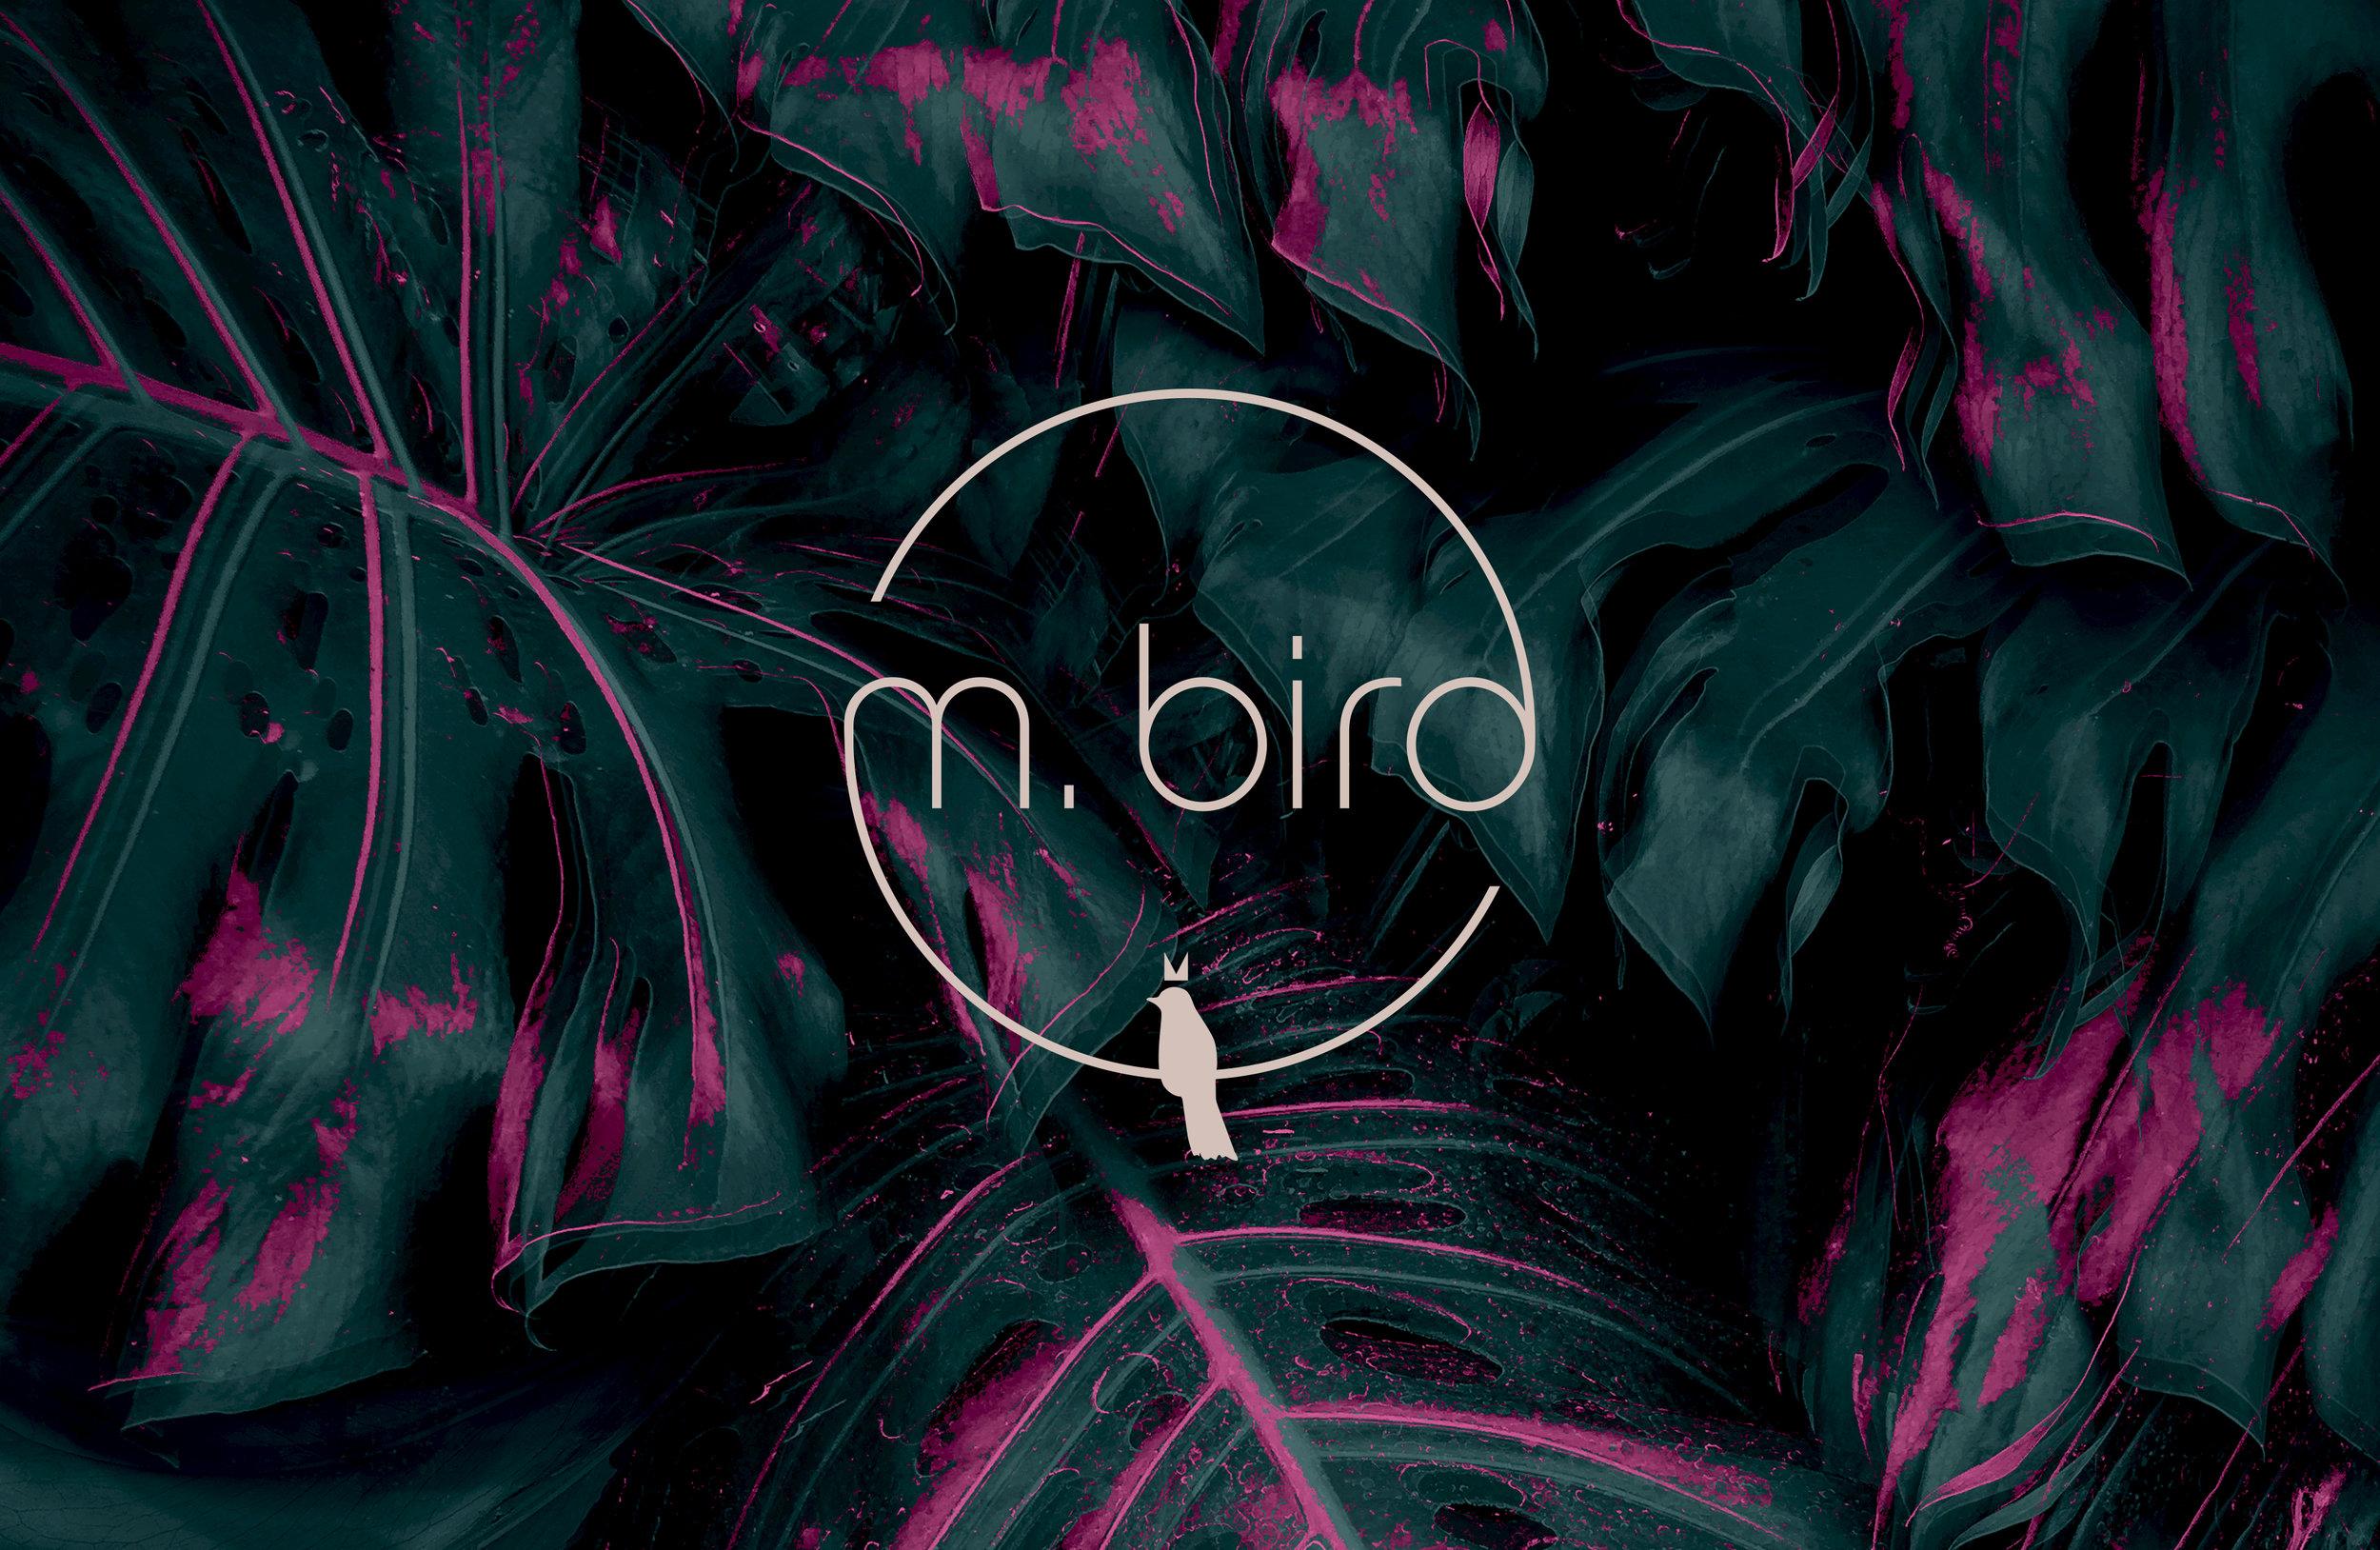 M. Bird